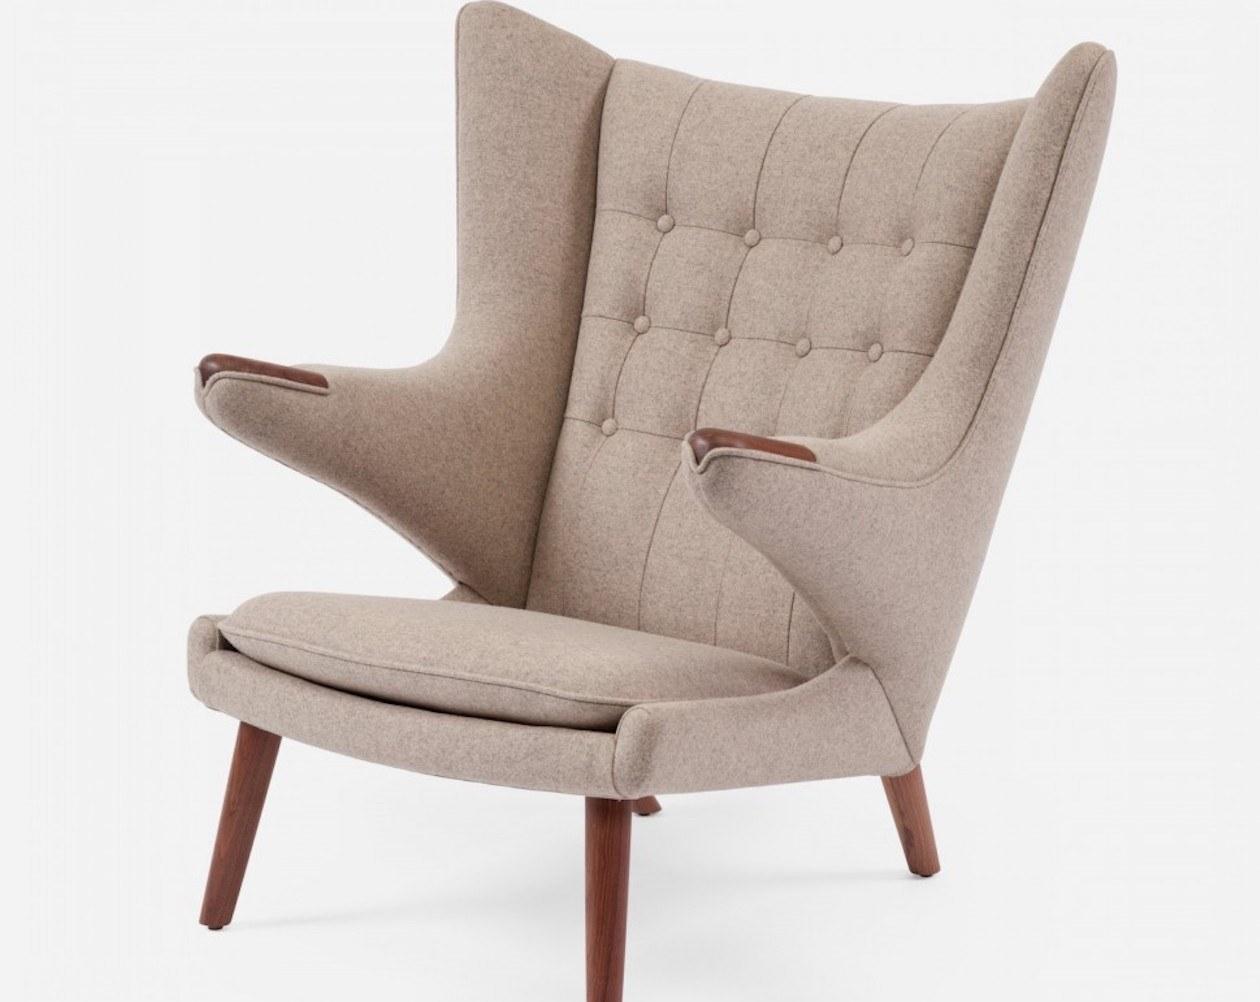 Modernica Papa Bear Upholstered Chair 187 Gadget Flow